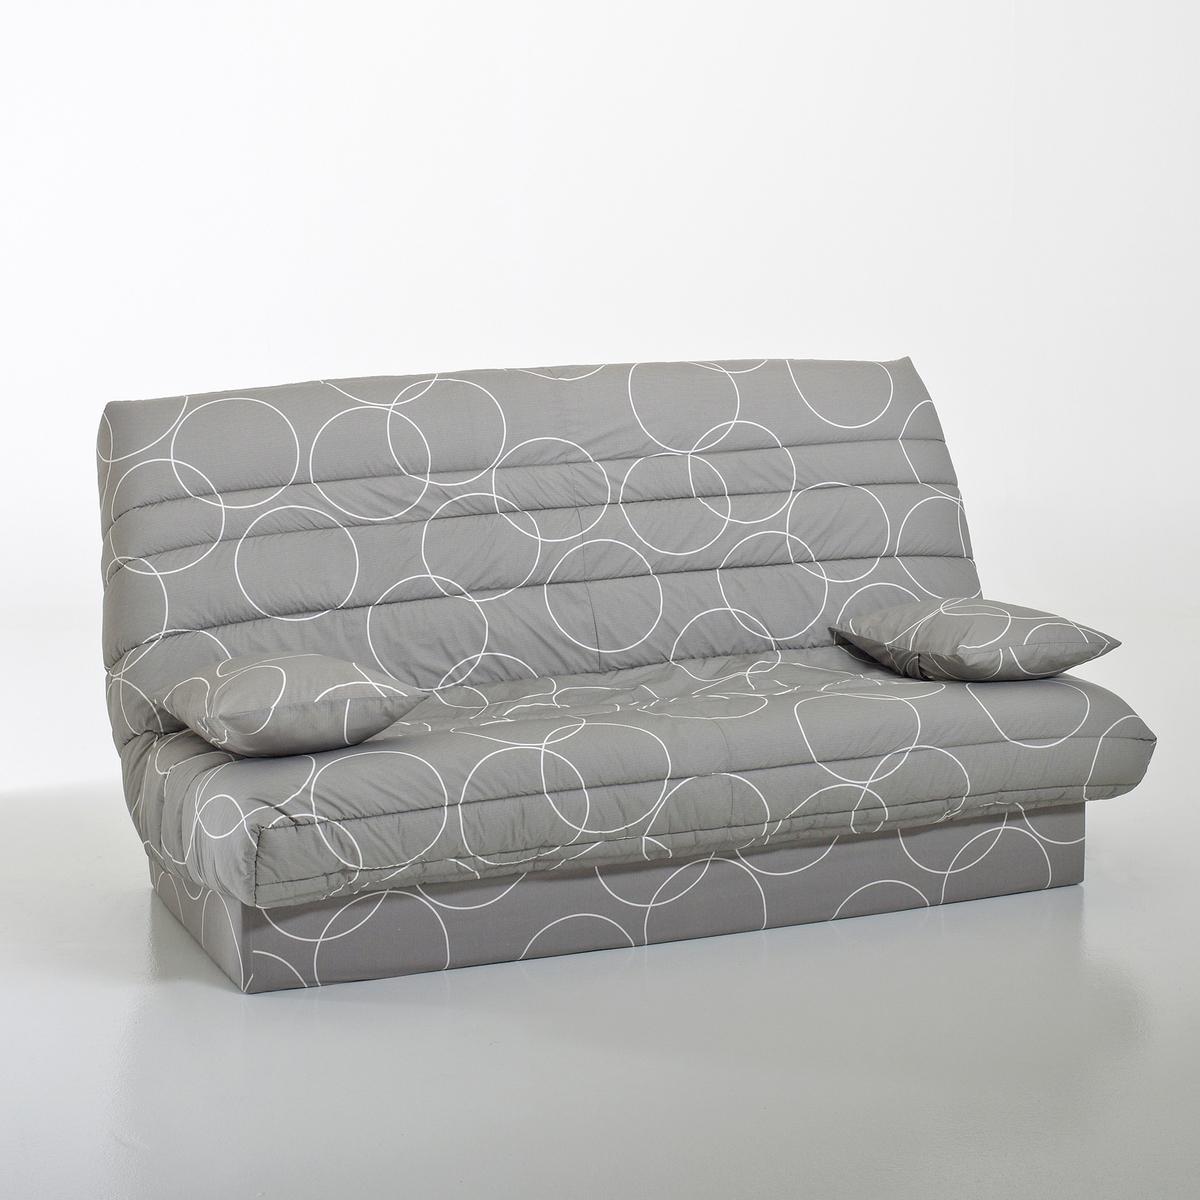 Чехол стеганый для дивана-книжки и складной тумбы, 250 г/м²